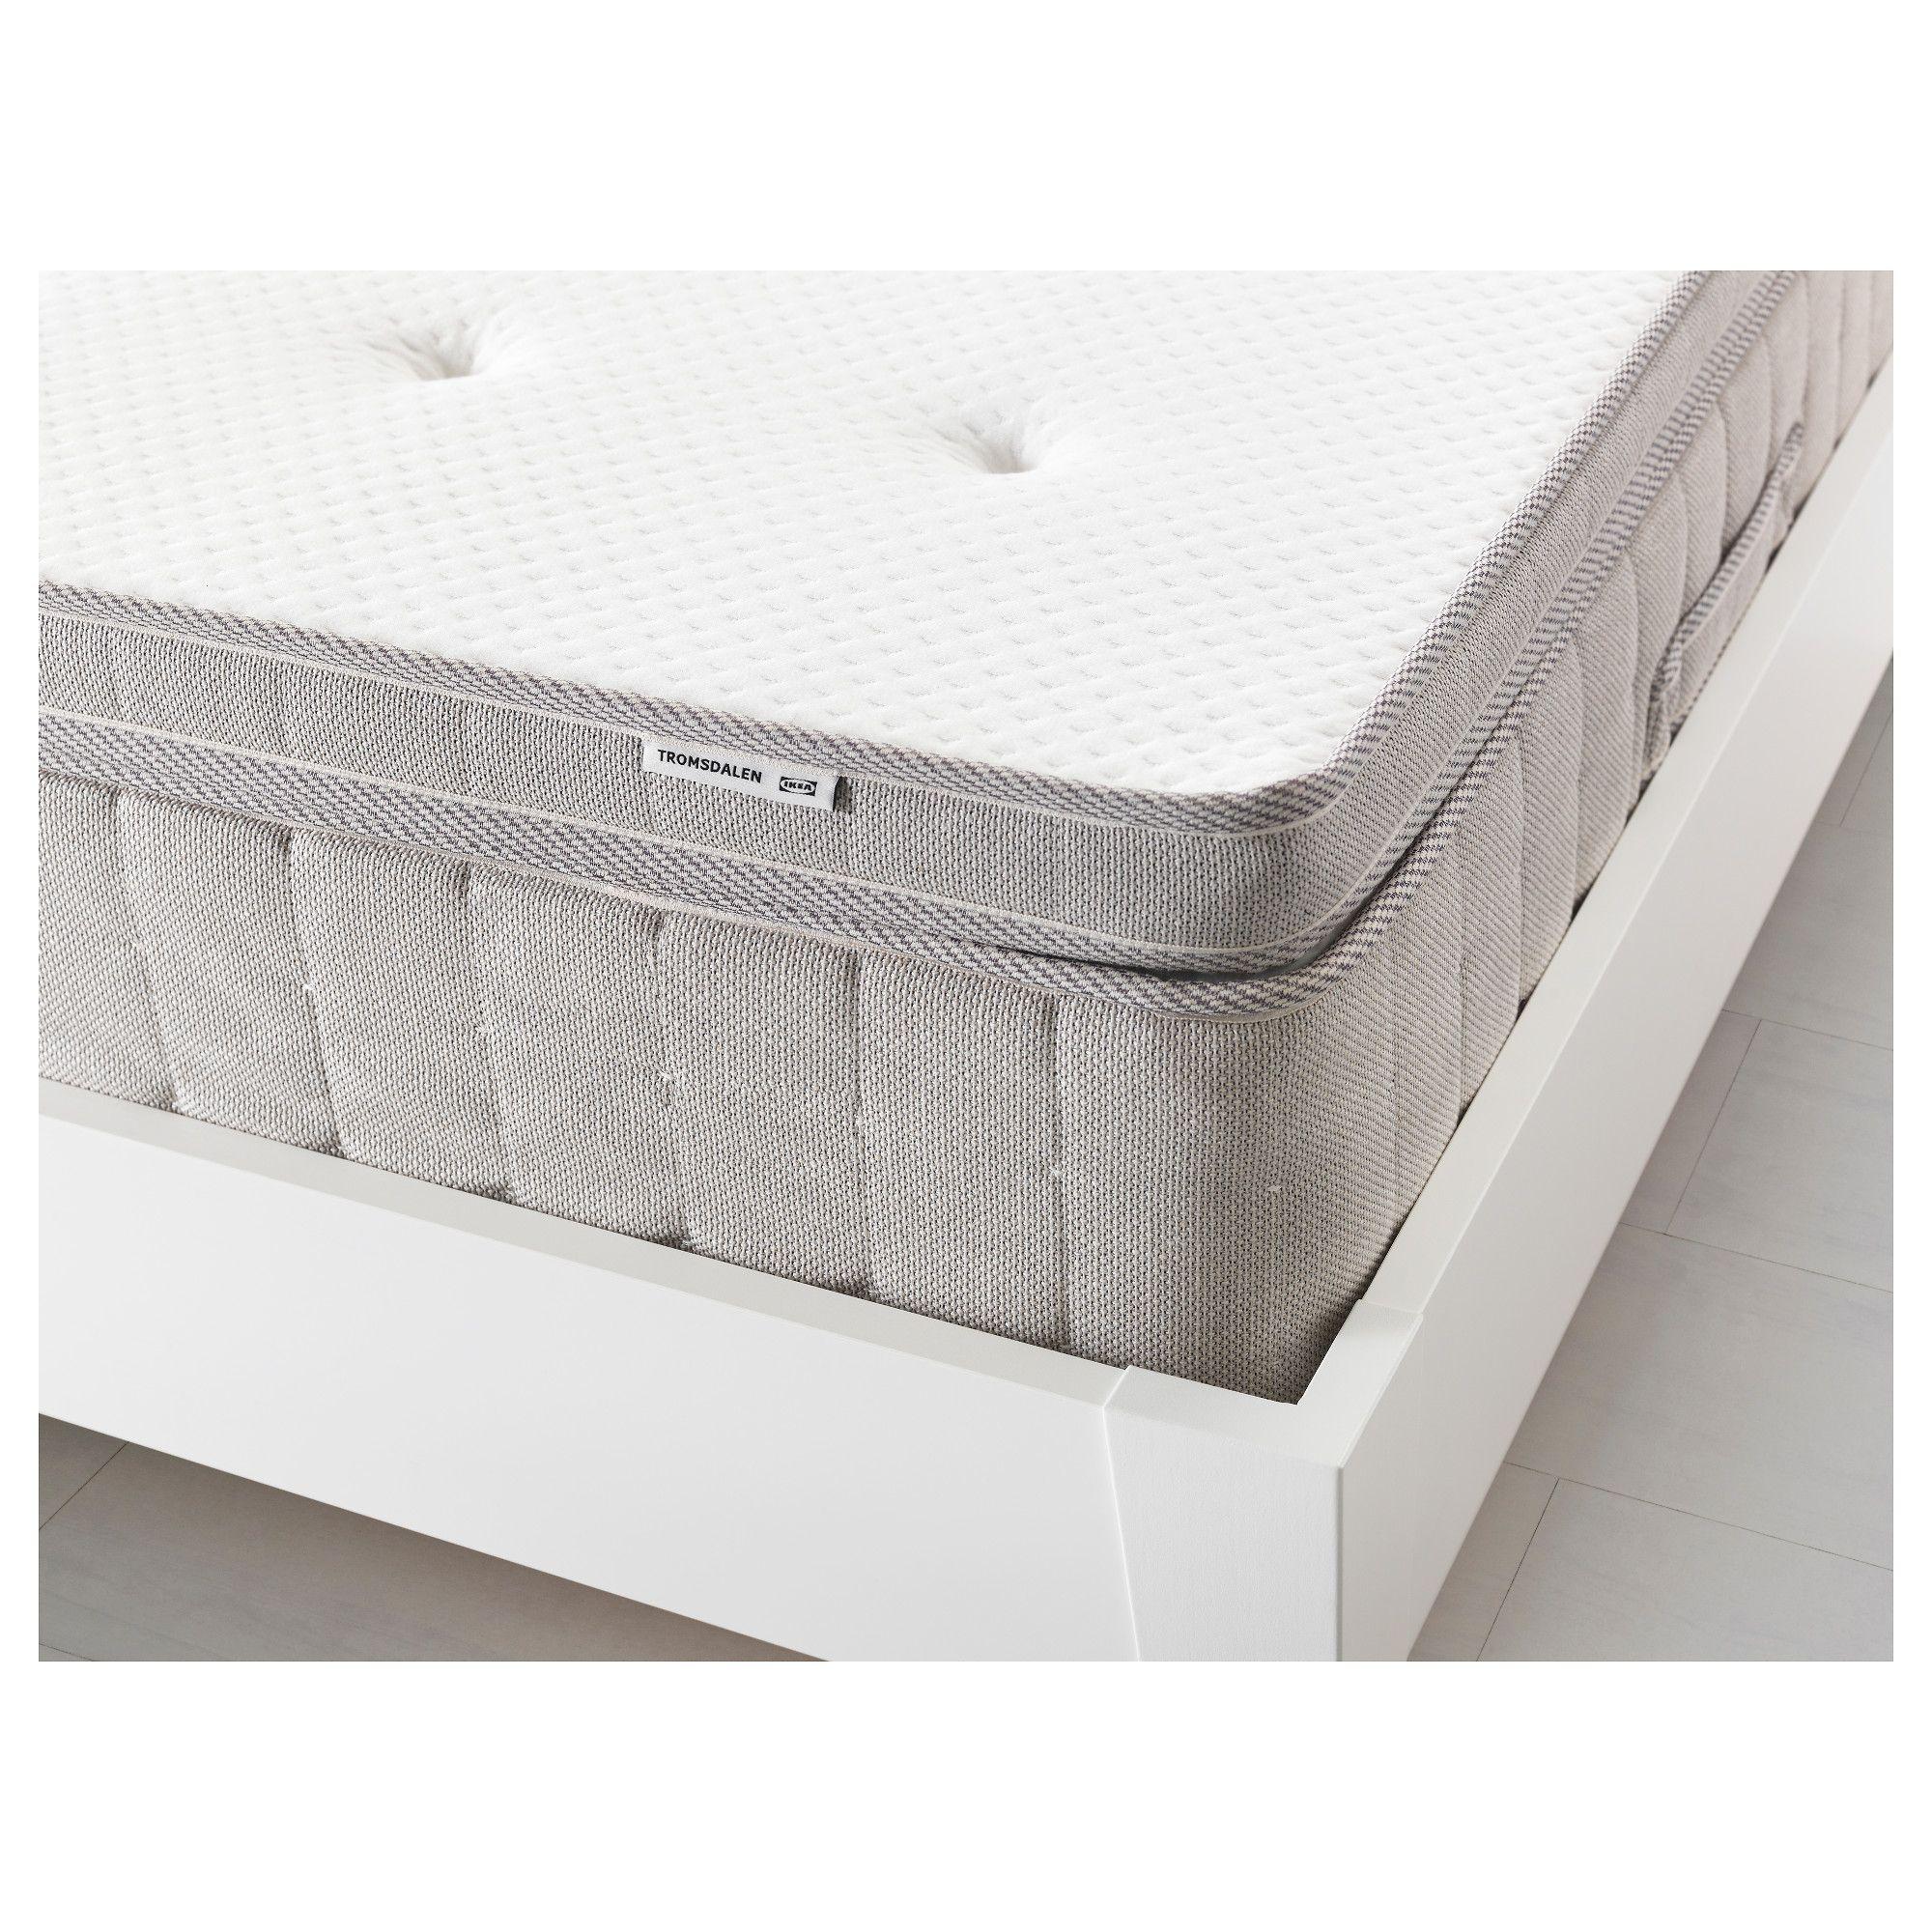 Ikea Tromsdalen Mattress Topper Natural Pillow Top Mattress Pad Ikea Mattress Mattress Design